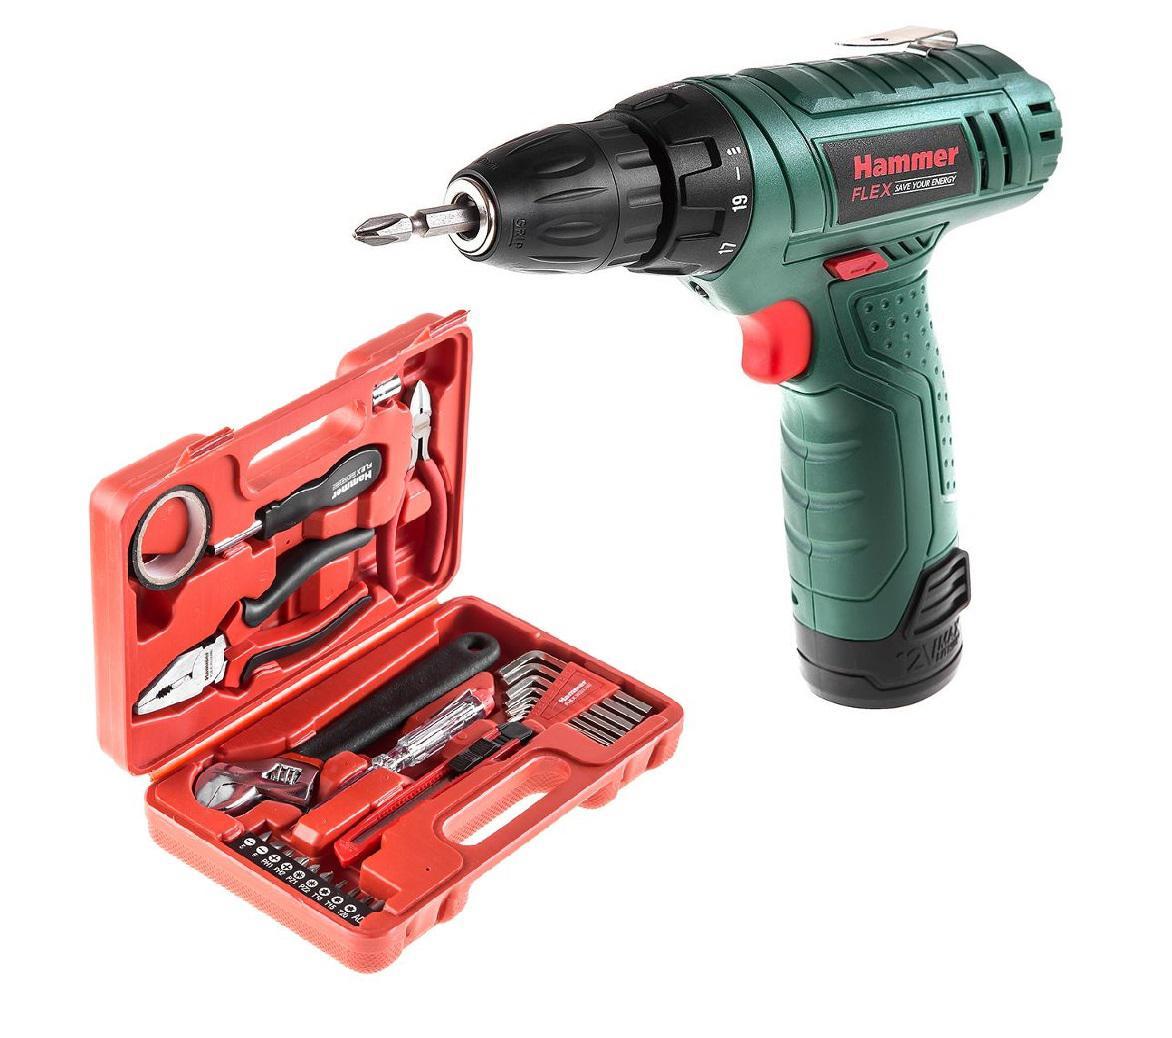 Набор Hammer Дрель аккумуляторная acd12le +Набор инструментов 601-040 25 предметов